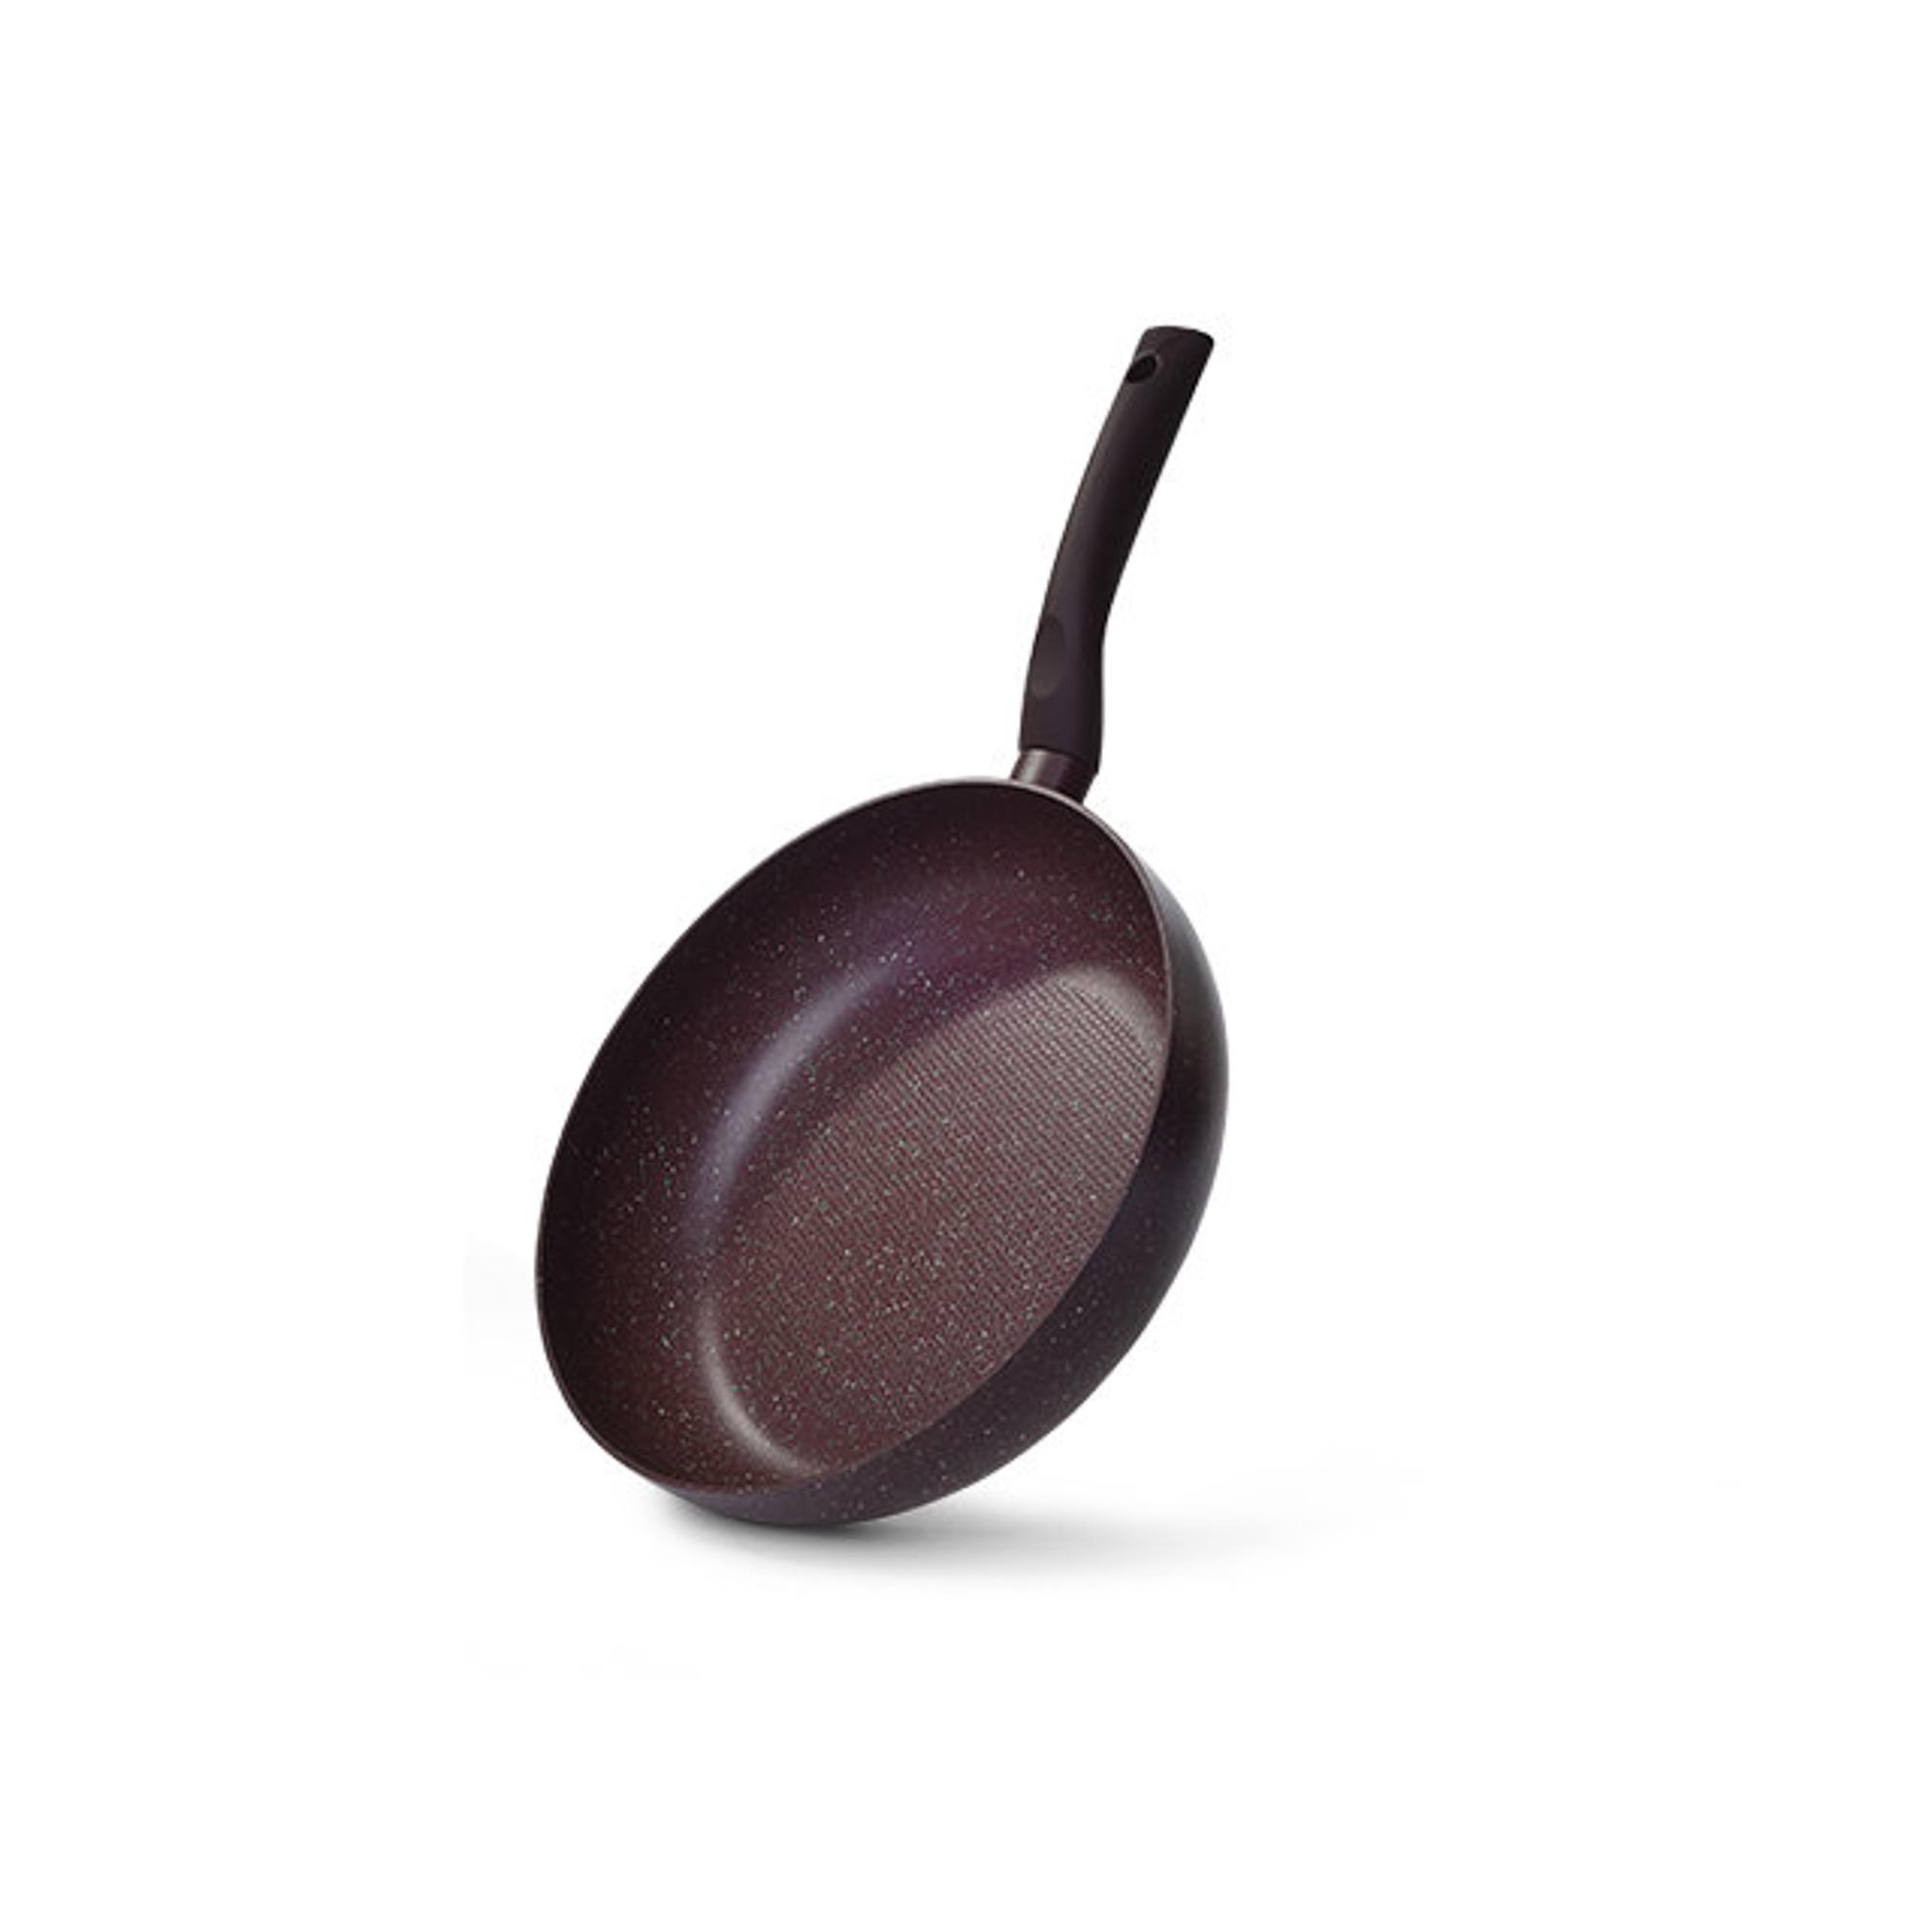 Купить Сковорода глубокая Fissman Mosses Stone 28 см, Дания, коричневый